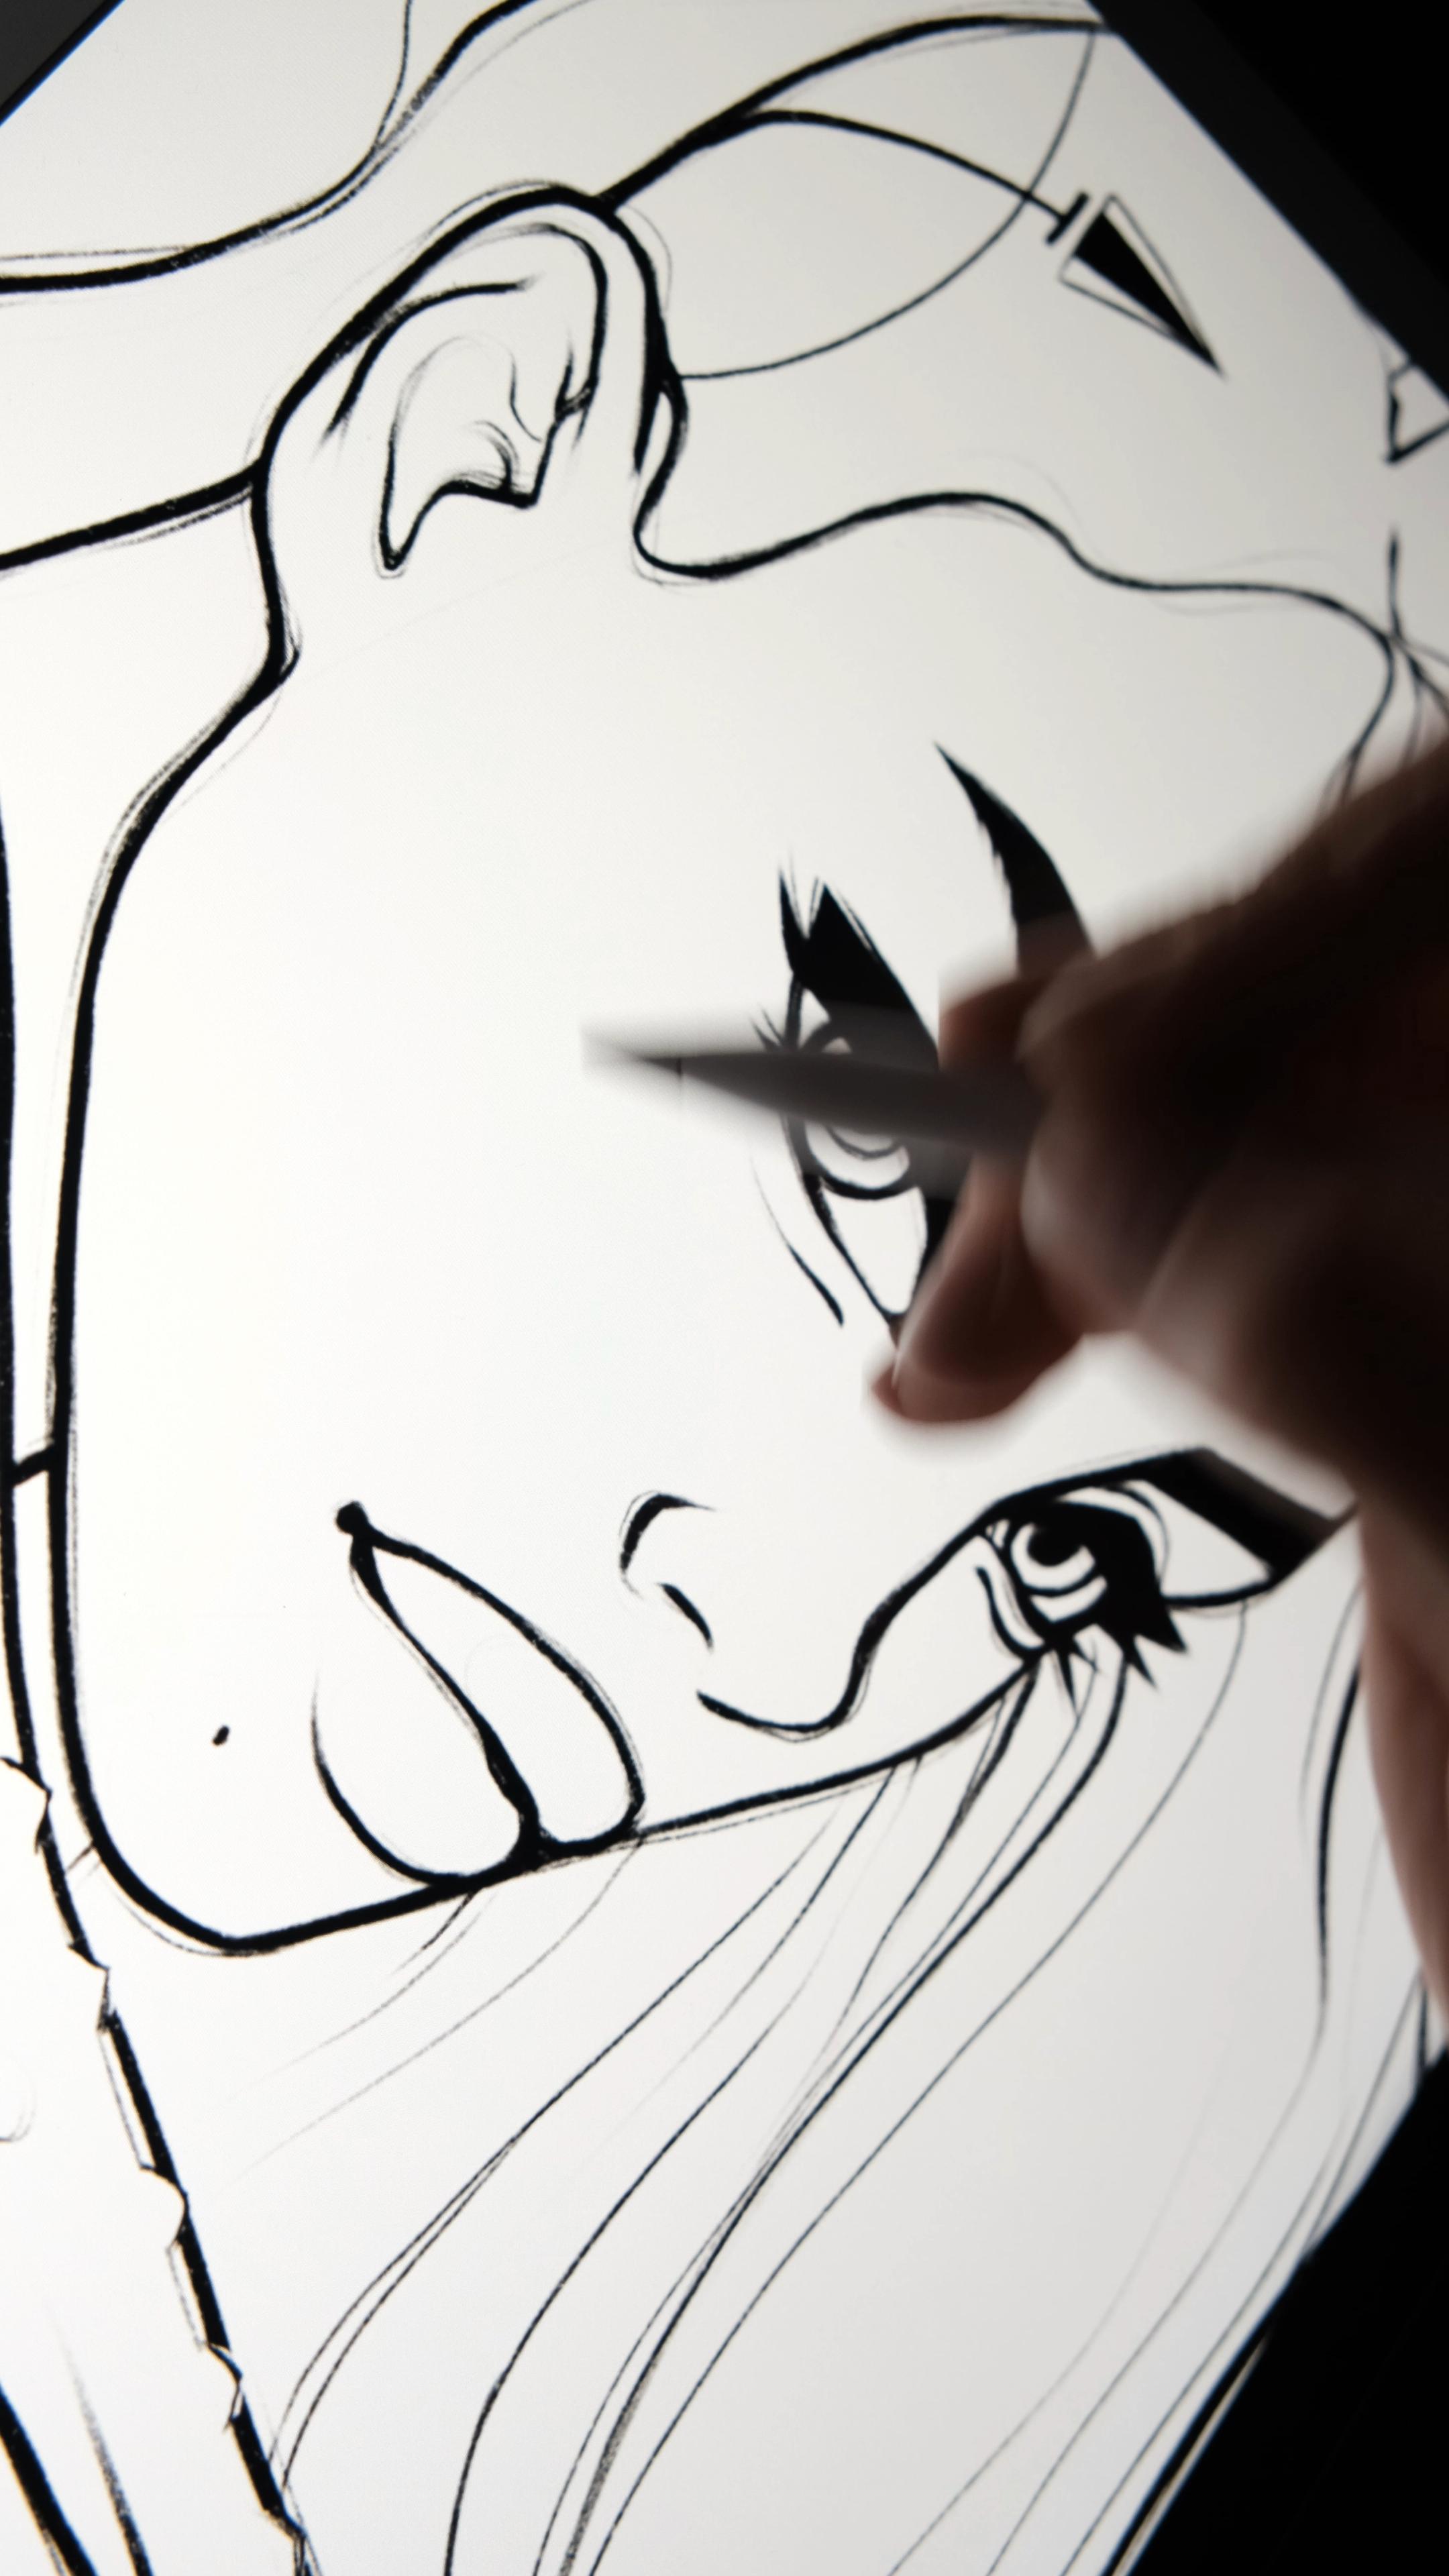 Digital Art Coloring A Drawing On Procreate By Alicjanai Brushes Basic Portrait Brush Set Procreate Digital Art Tutorial Art Tutorials Digital Drawing